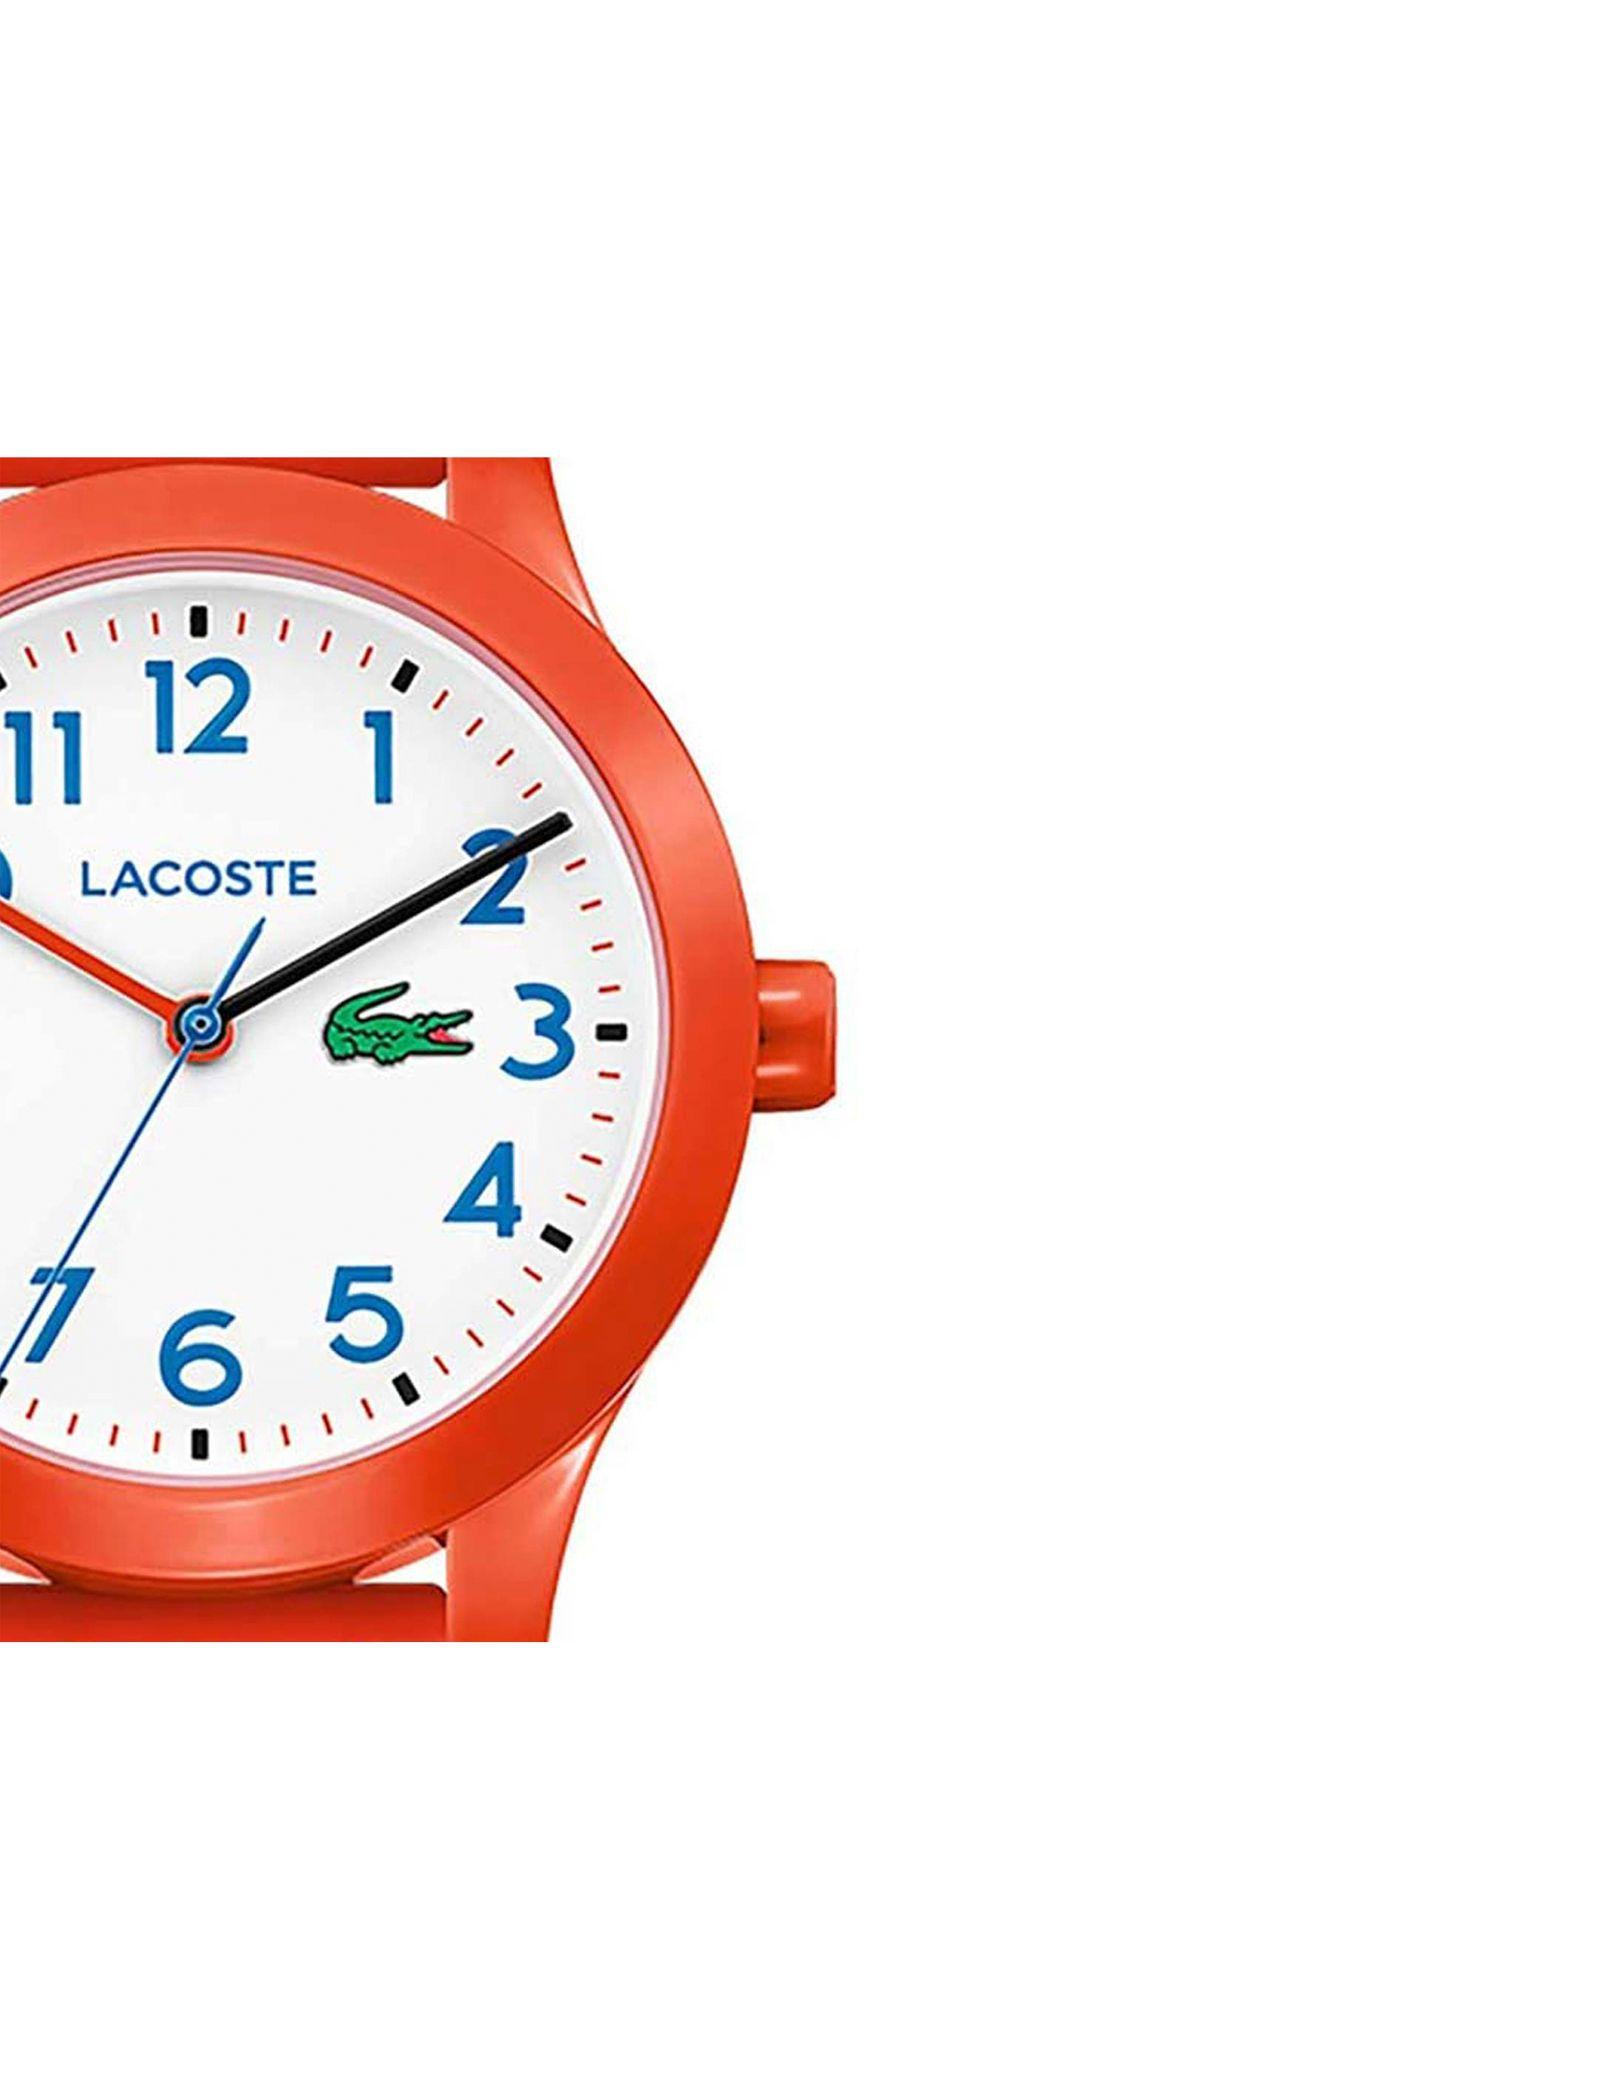 ساعت مچی عقربه ای بچگانه لاگوست مدل 2030010 - نارنجی - 4